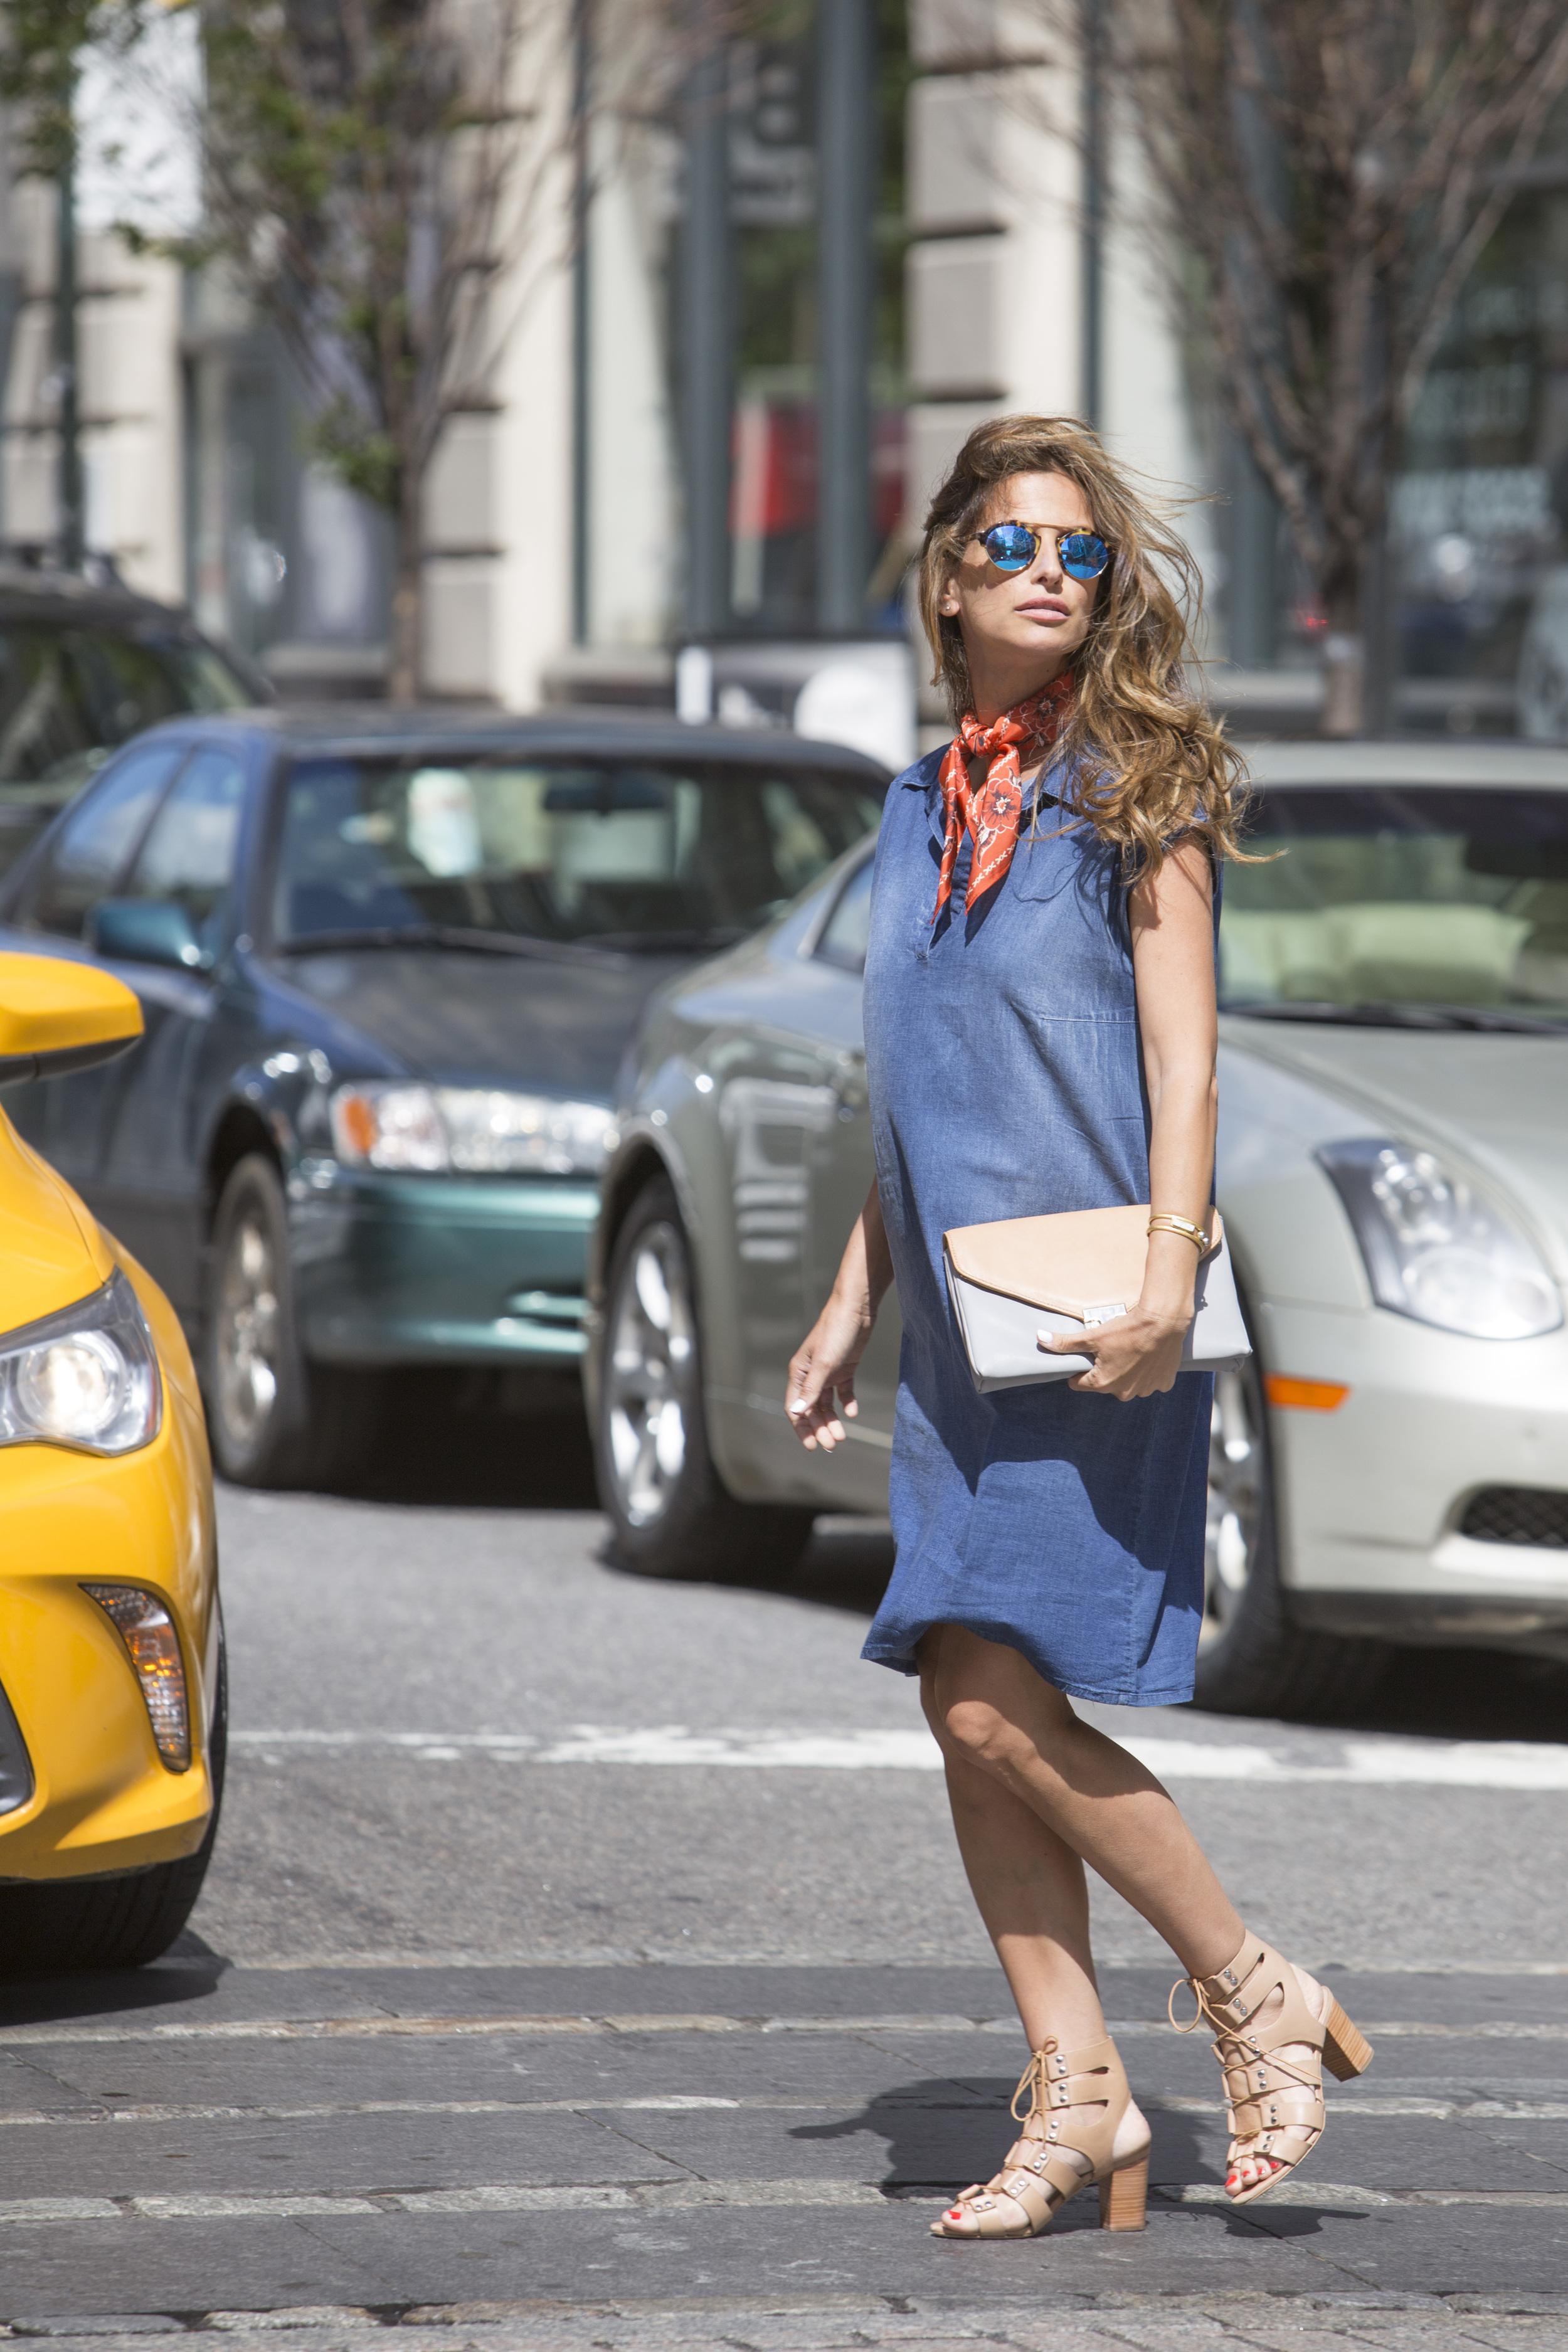 """שמלת ג'ינס """"אבישג ארבל"""". צילום Matan Tzinamon"""